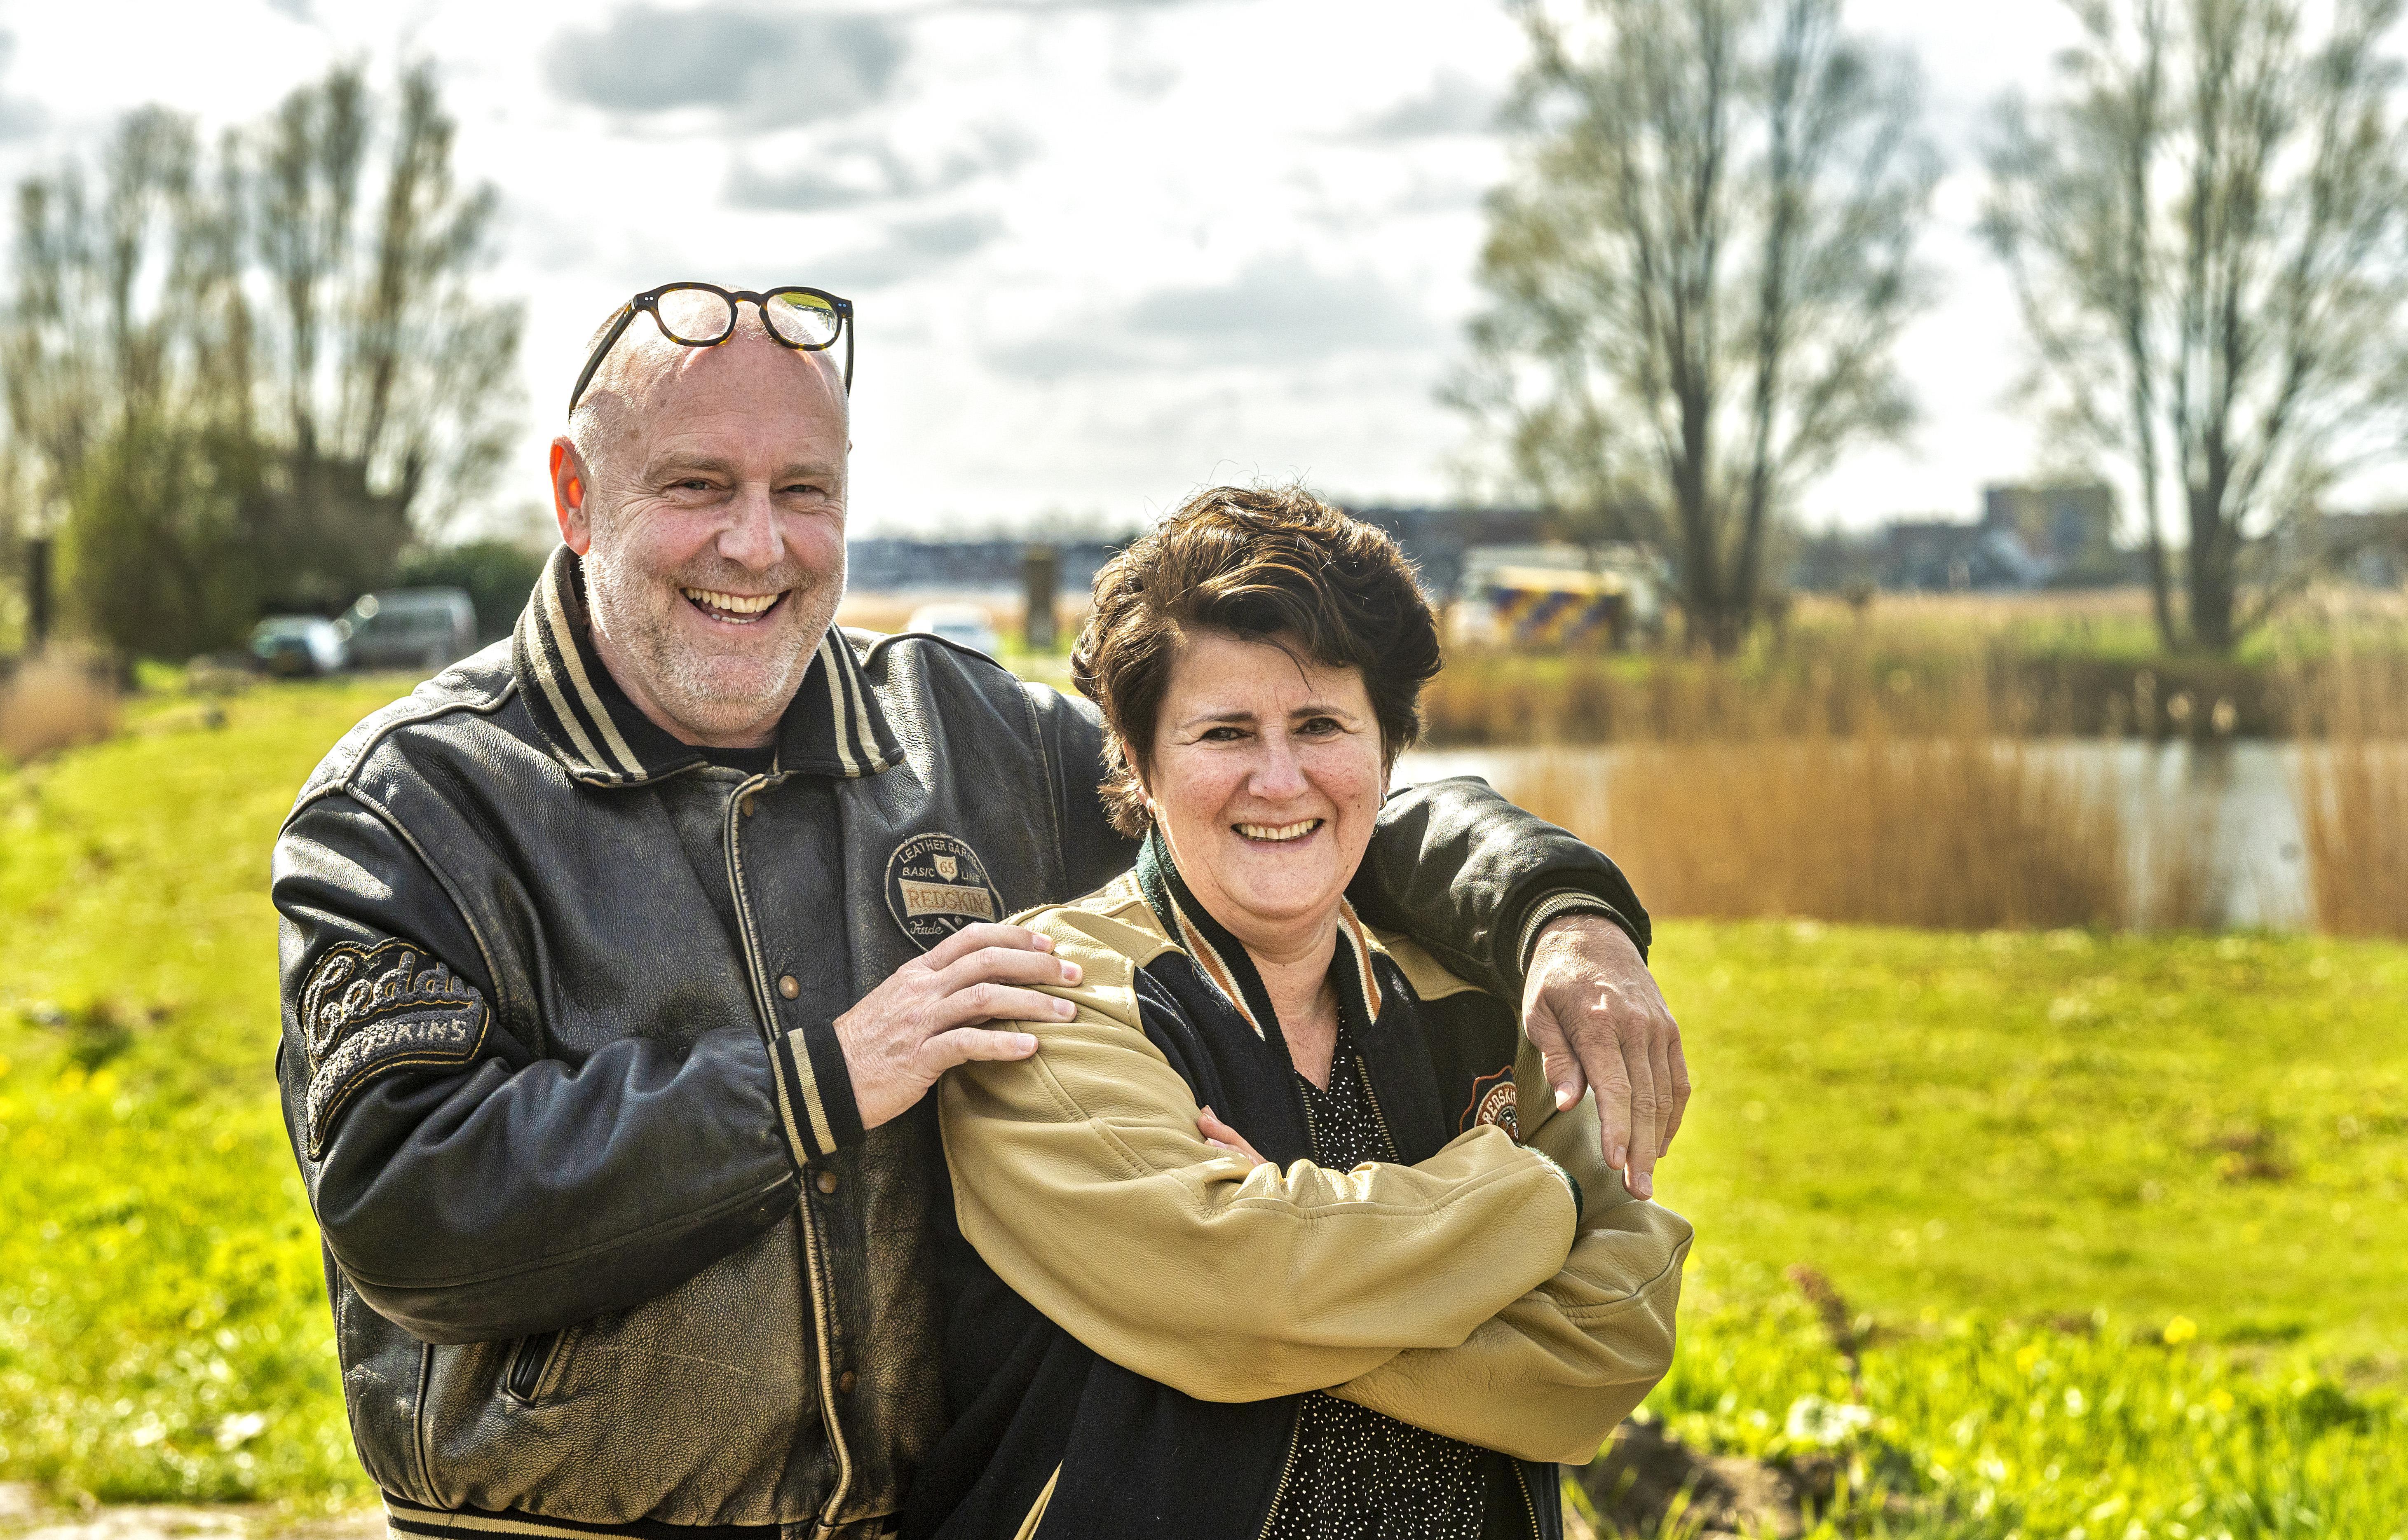 Oud-wijnkoper Hans Moolenaar heeft 'passie voor jassie': 'Sla ik door? Ja, ik sla door'